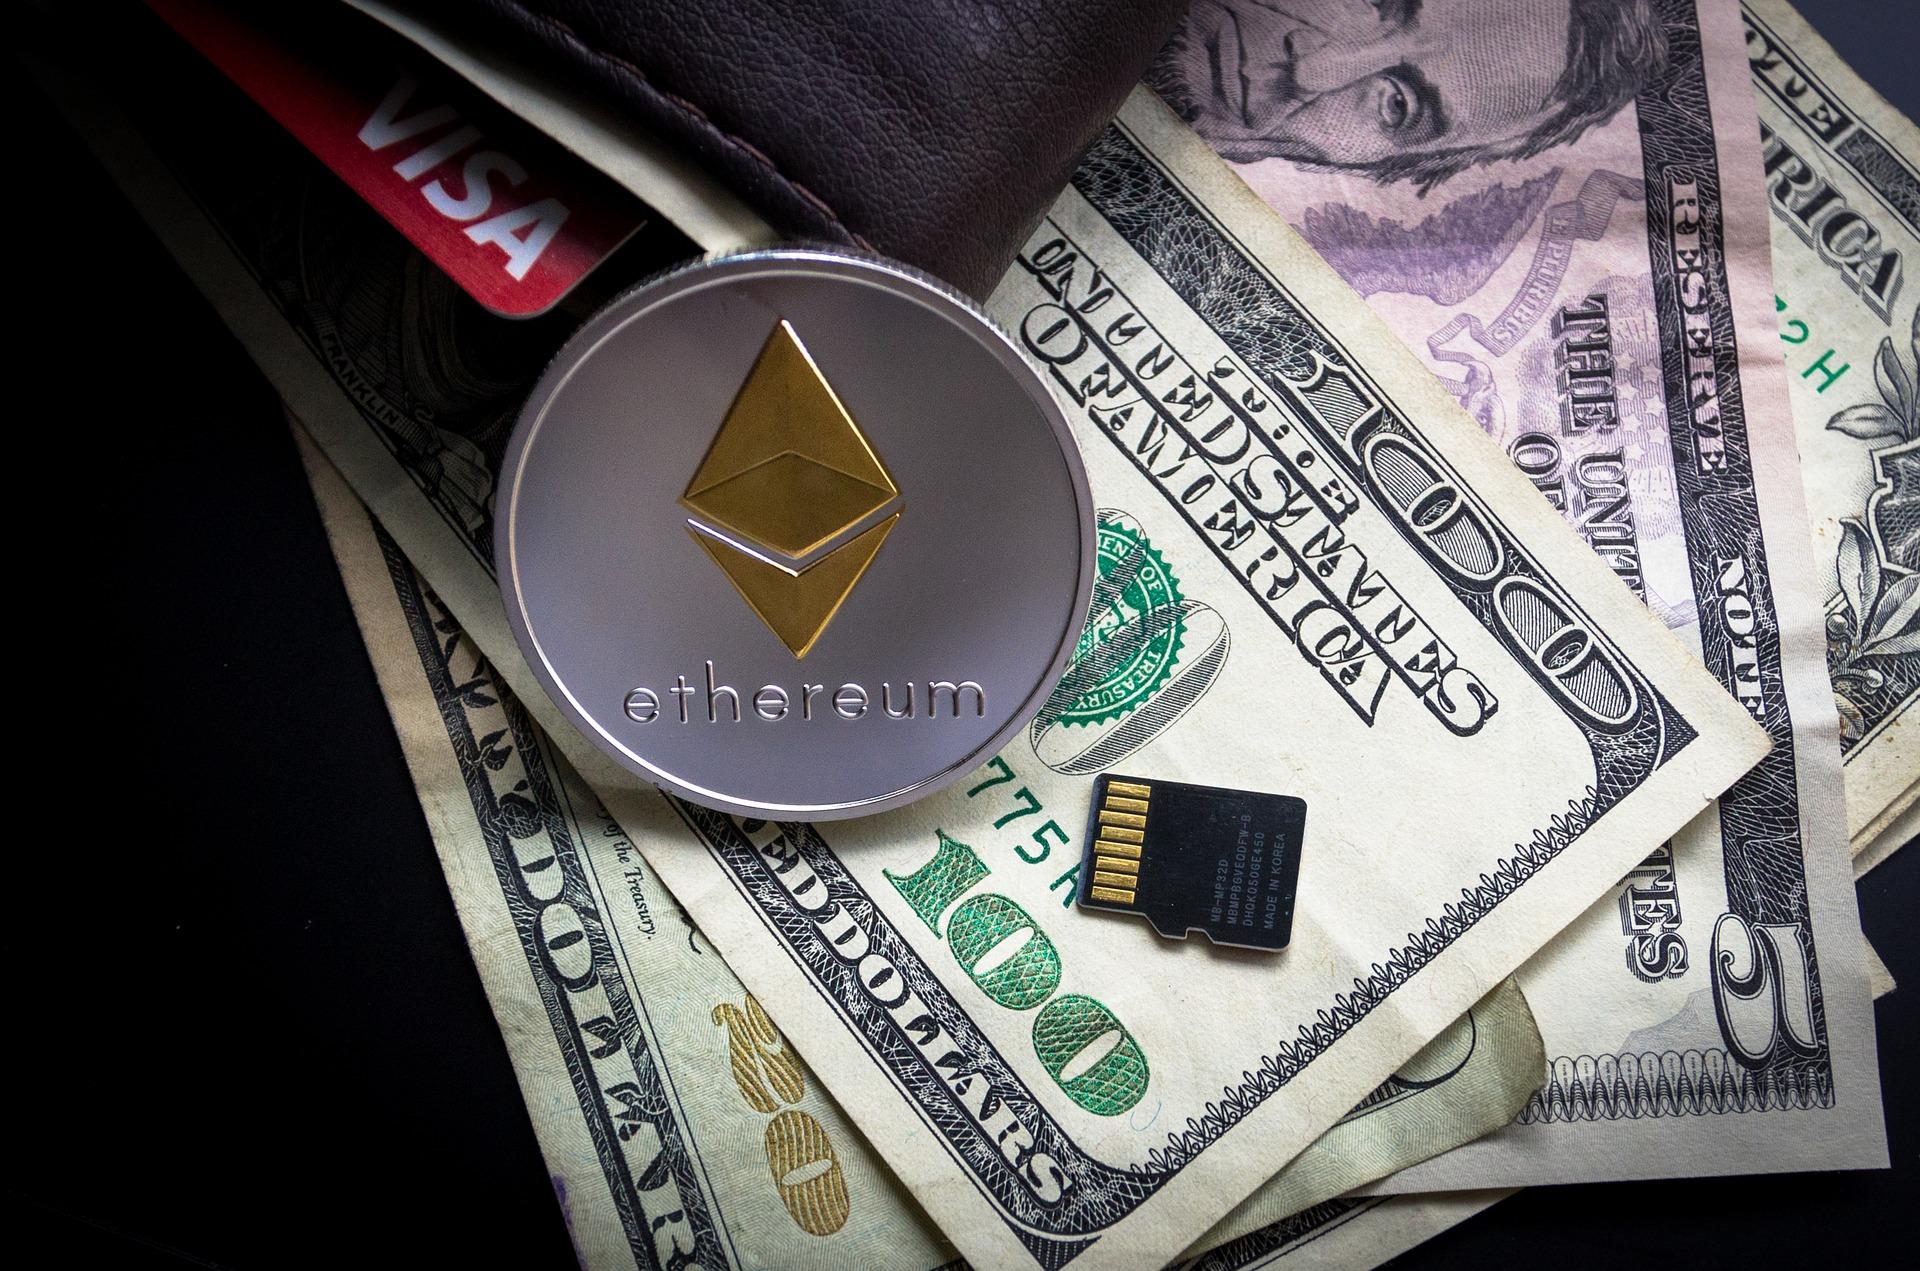 miglior software di trading per criptovaluta la sec continua a discutere sulla natura giuridica di ethereum